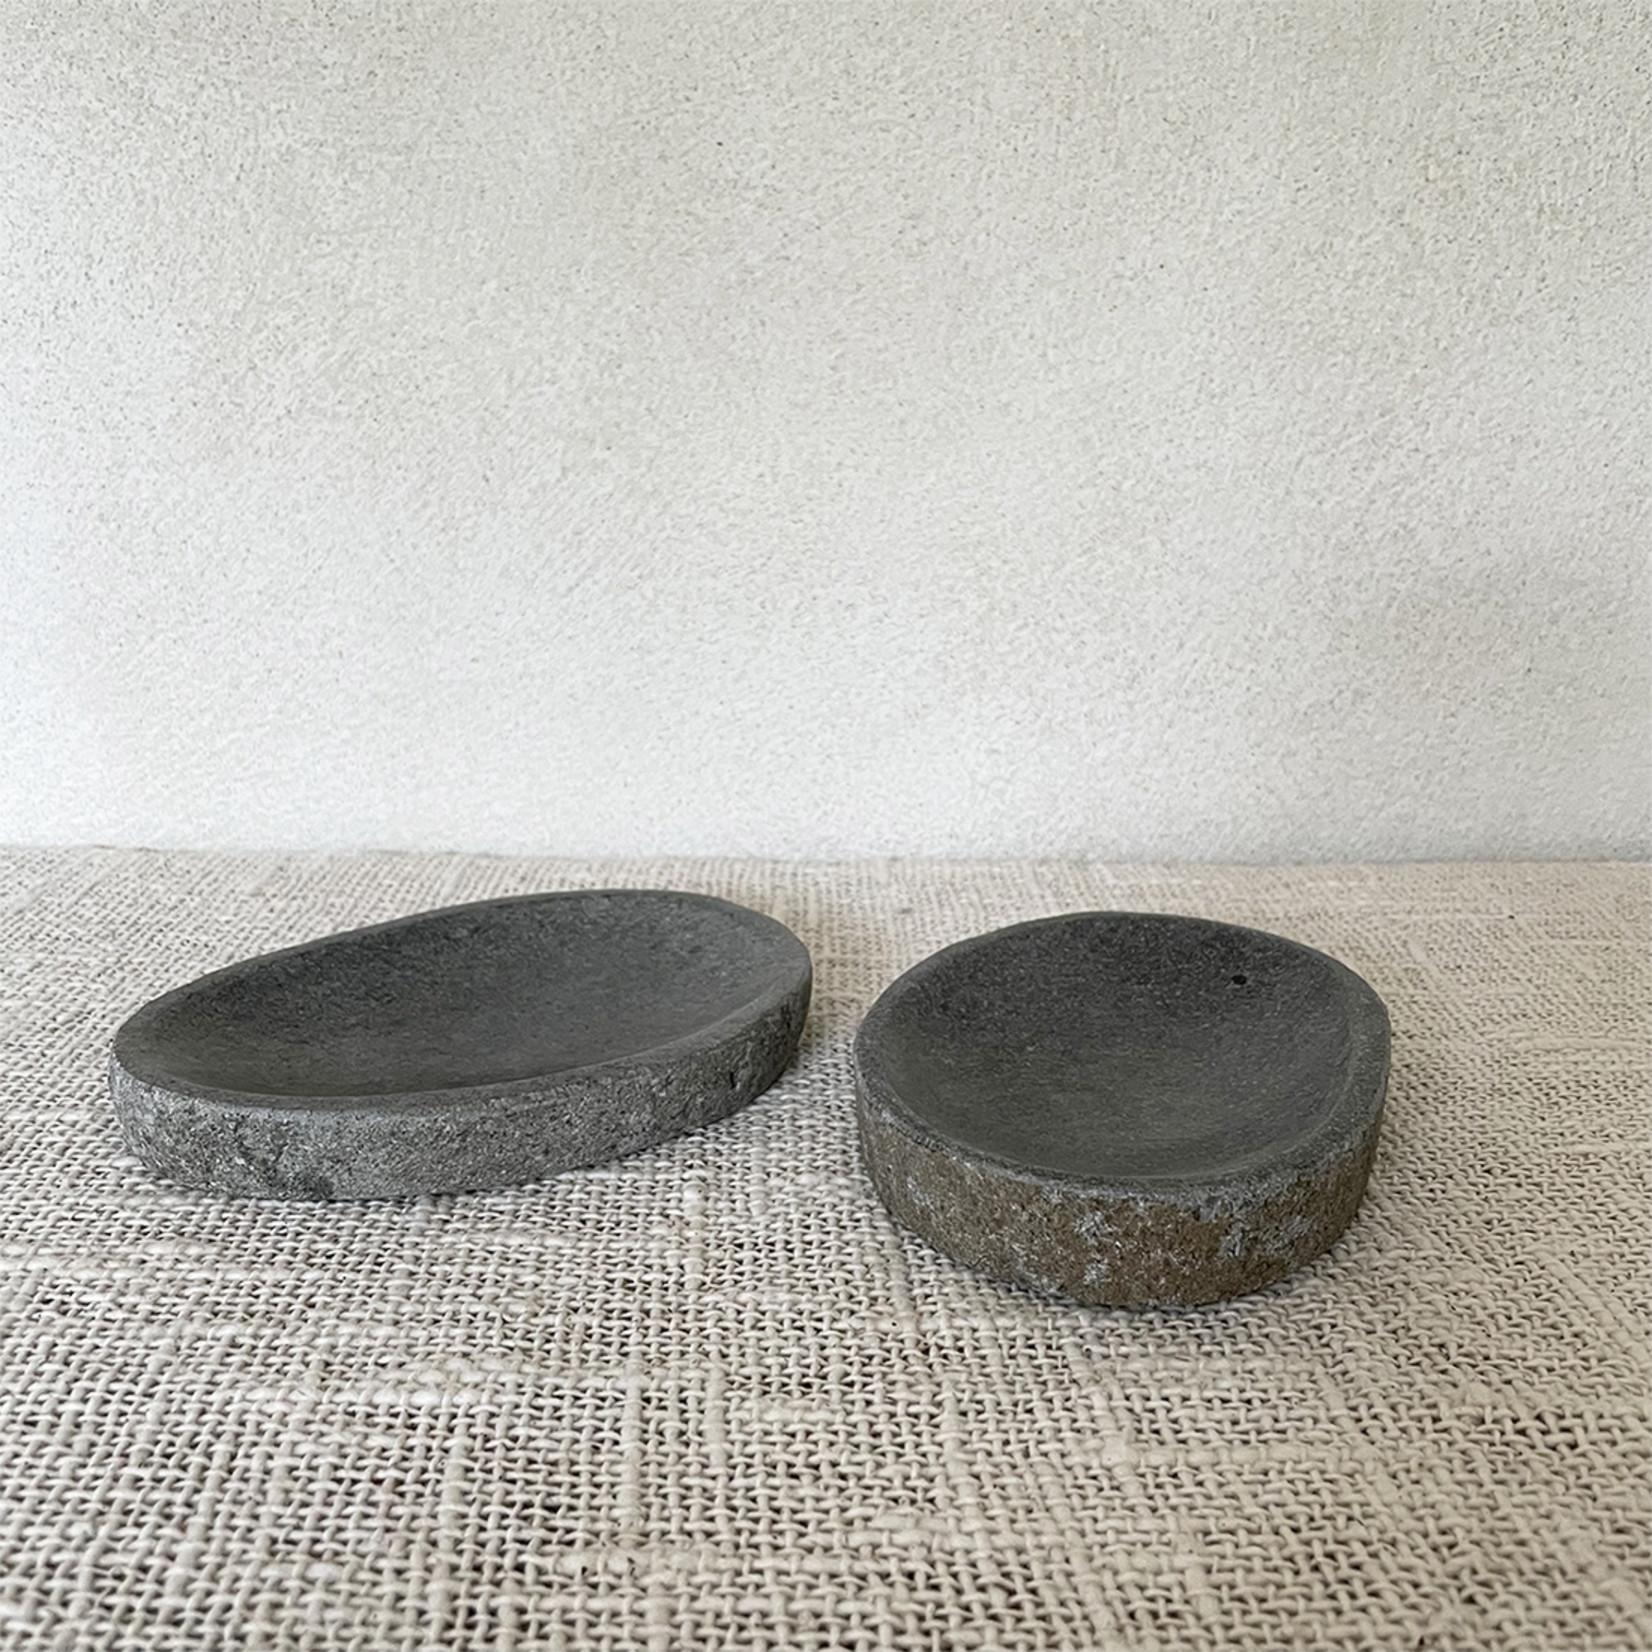 Pebble stone tray